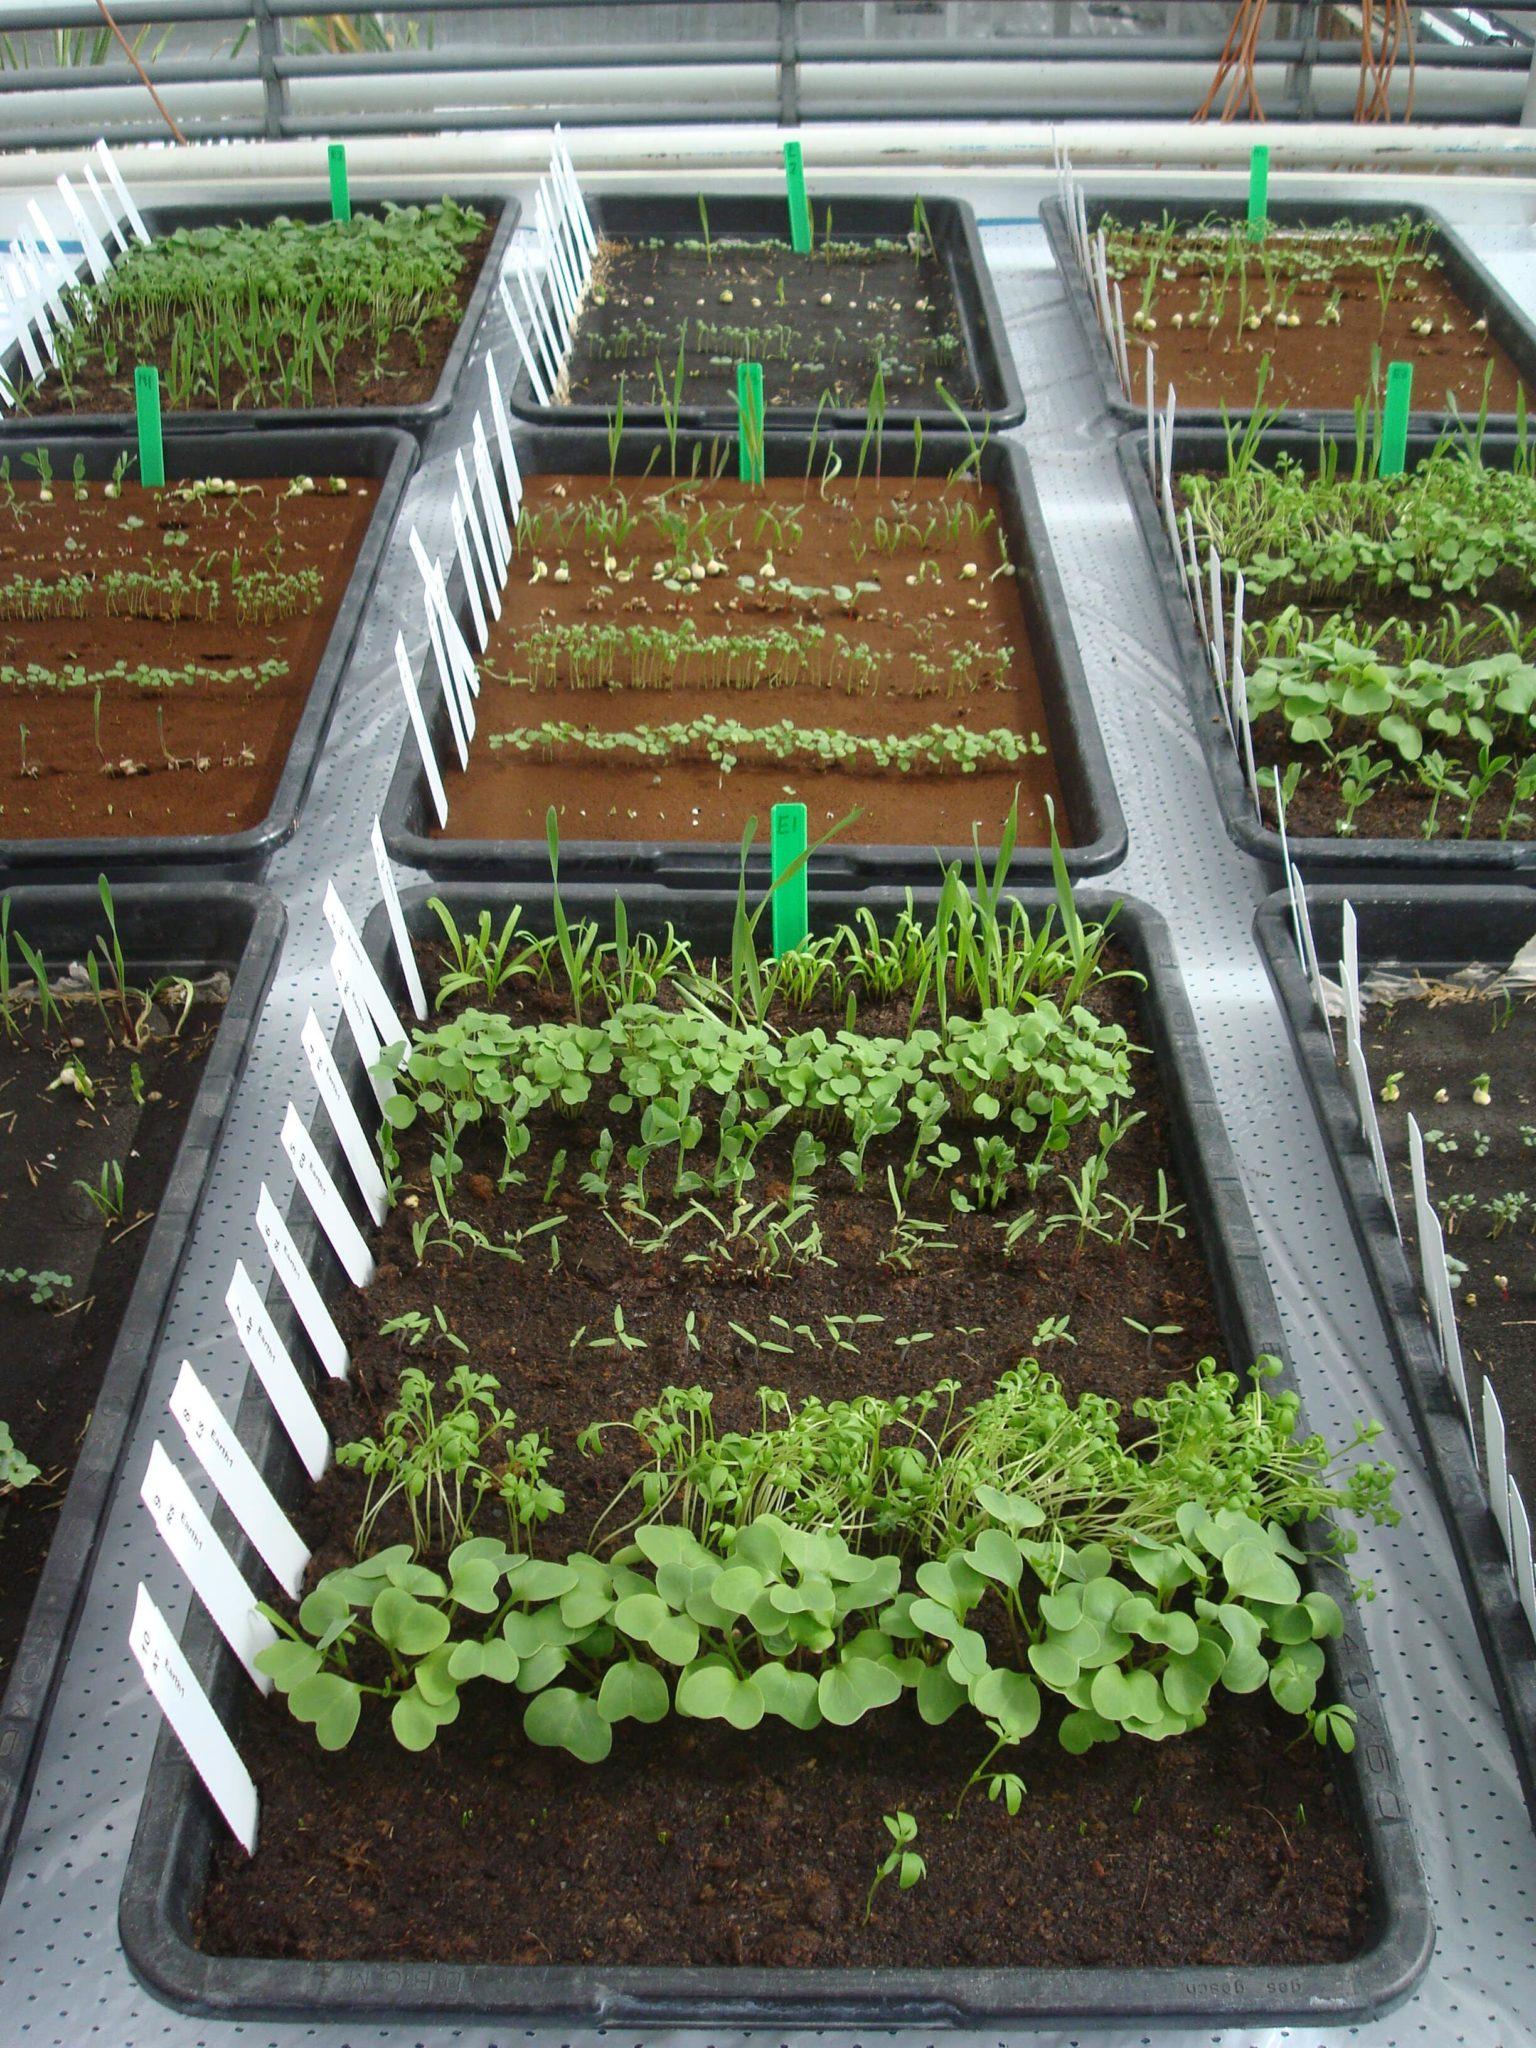 Δίσκοι με καλλιέργειες σε προσομοίωση αρειανού χώματος